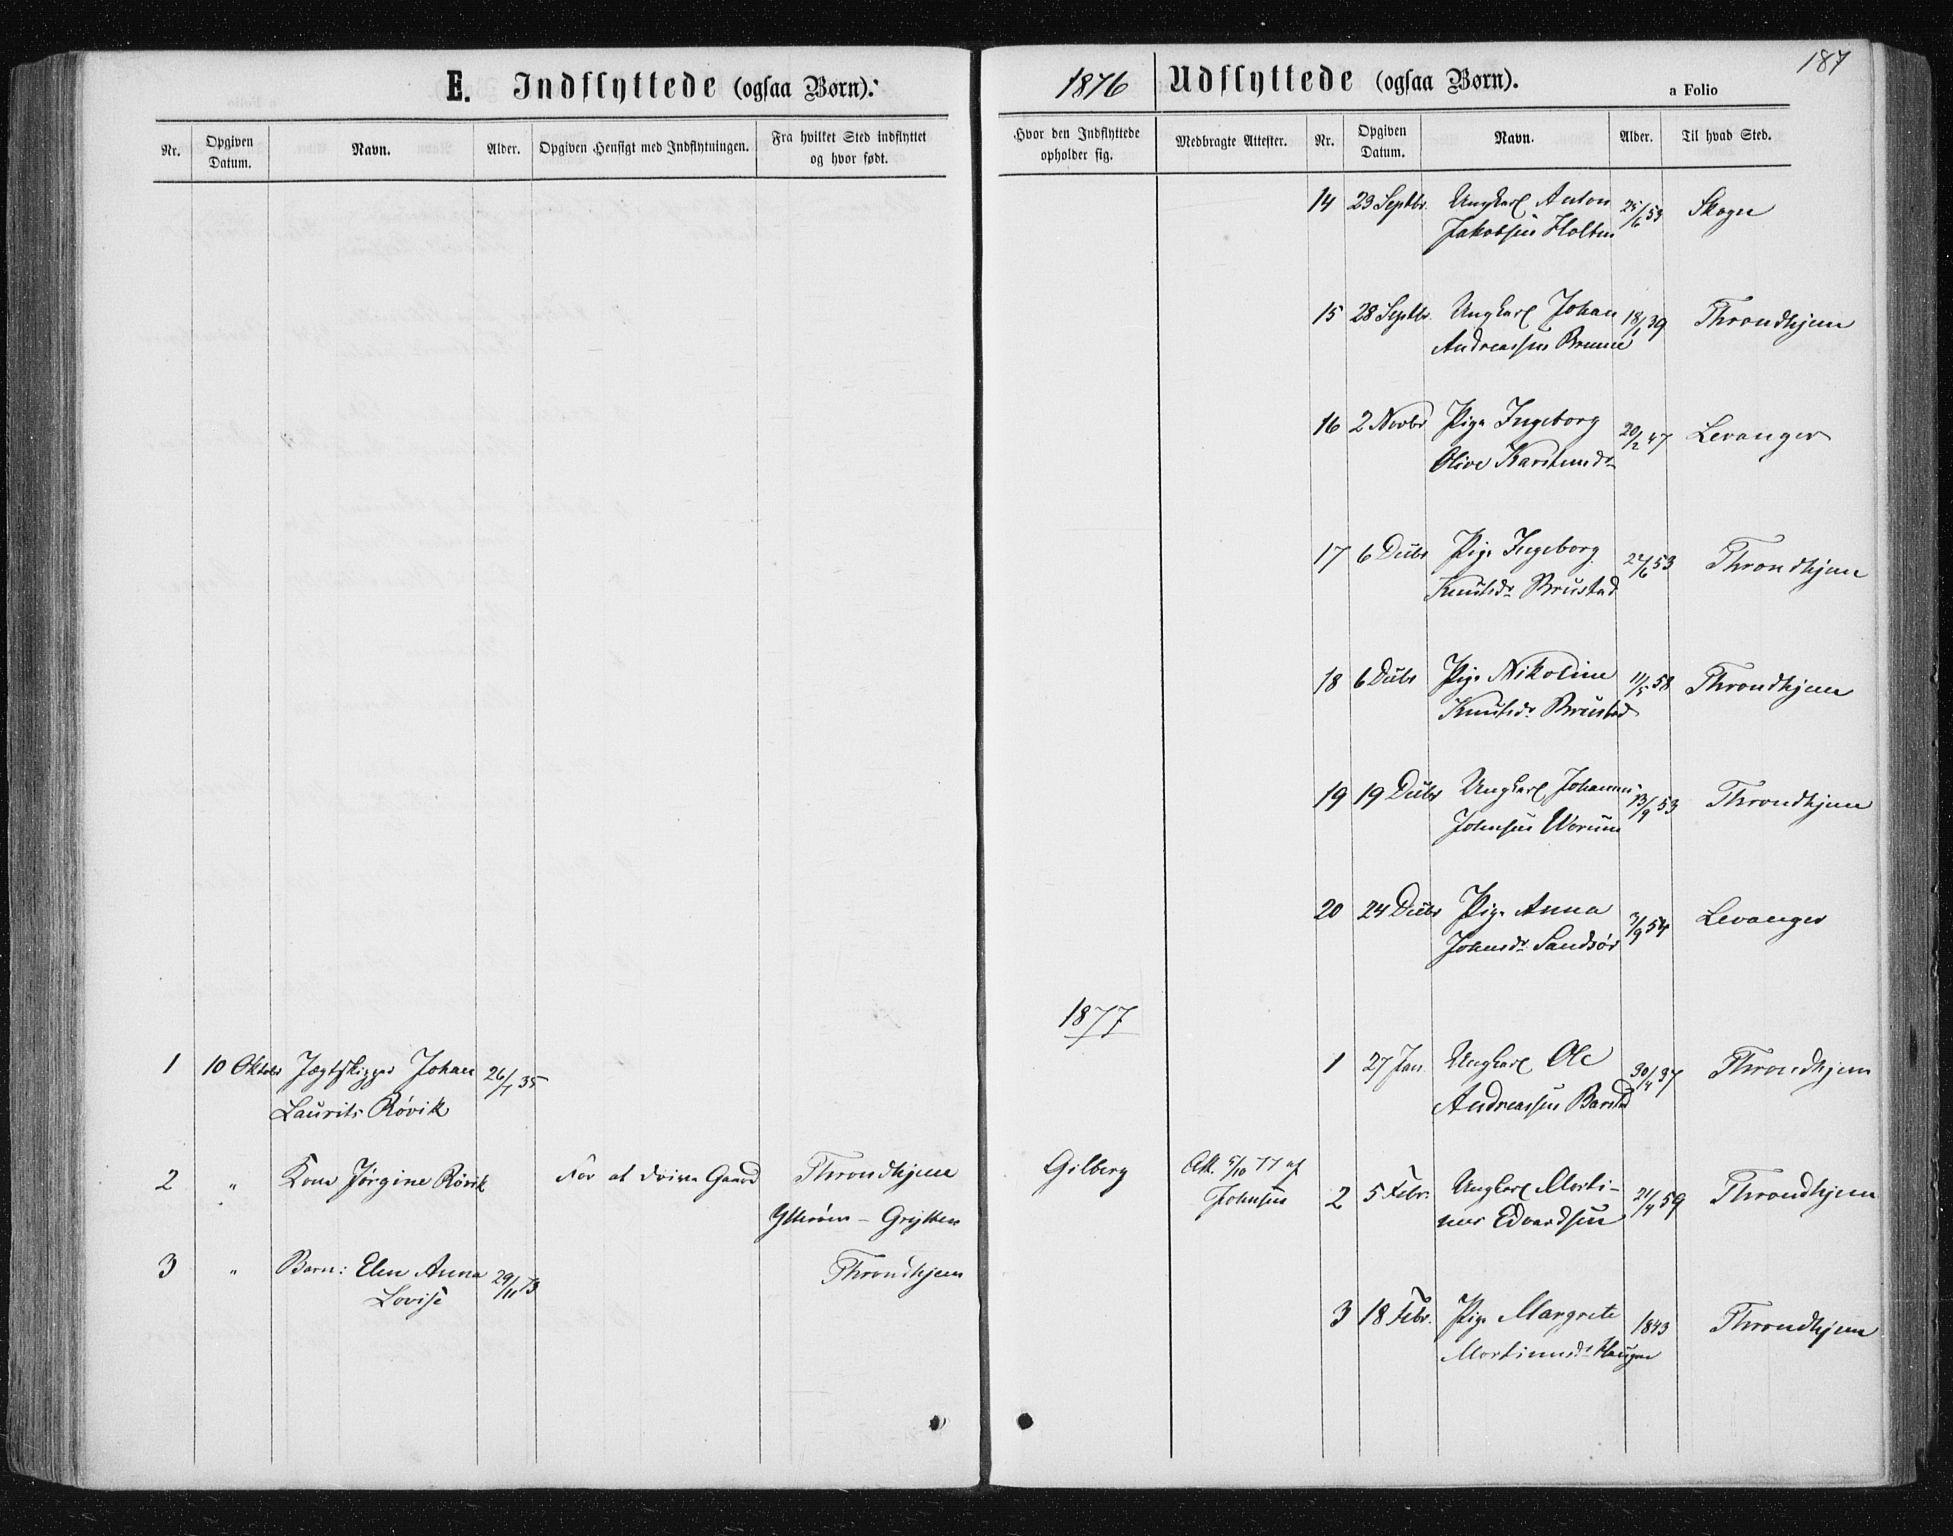 SAT, Ministerialprotokoller, klokkerbøker og fødselsregistre - Nord-Trøndelag, 722/L0219: Ministerialbok nr. 722A06, 1868-1880, s. 187